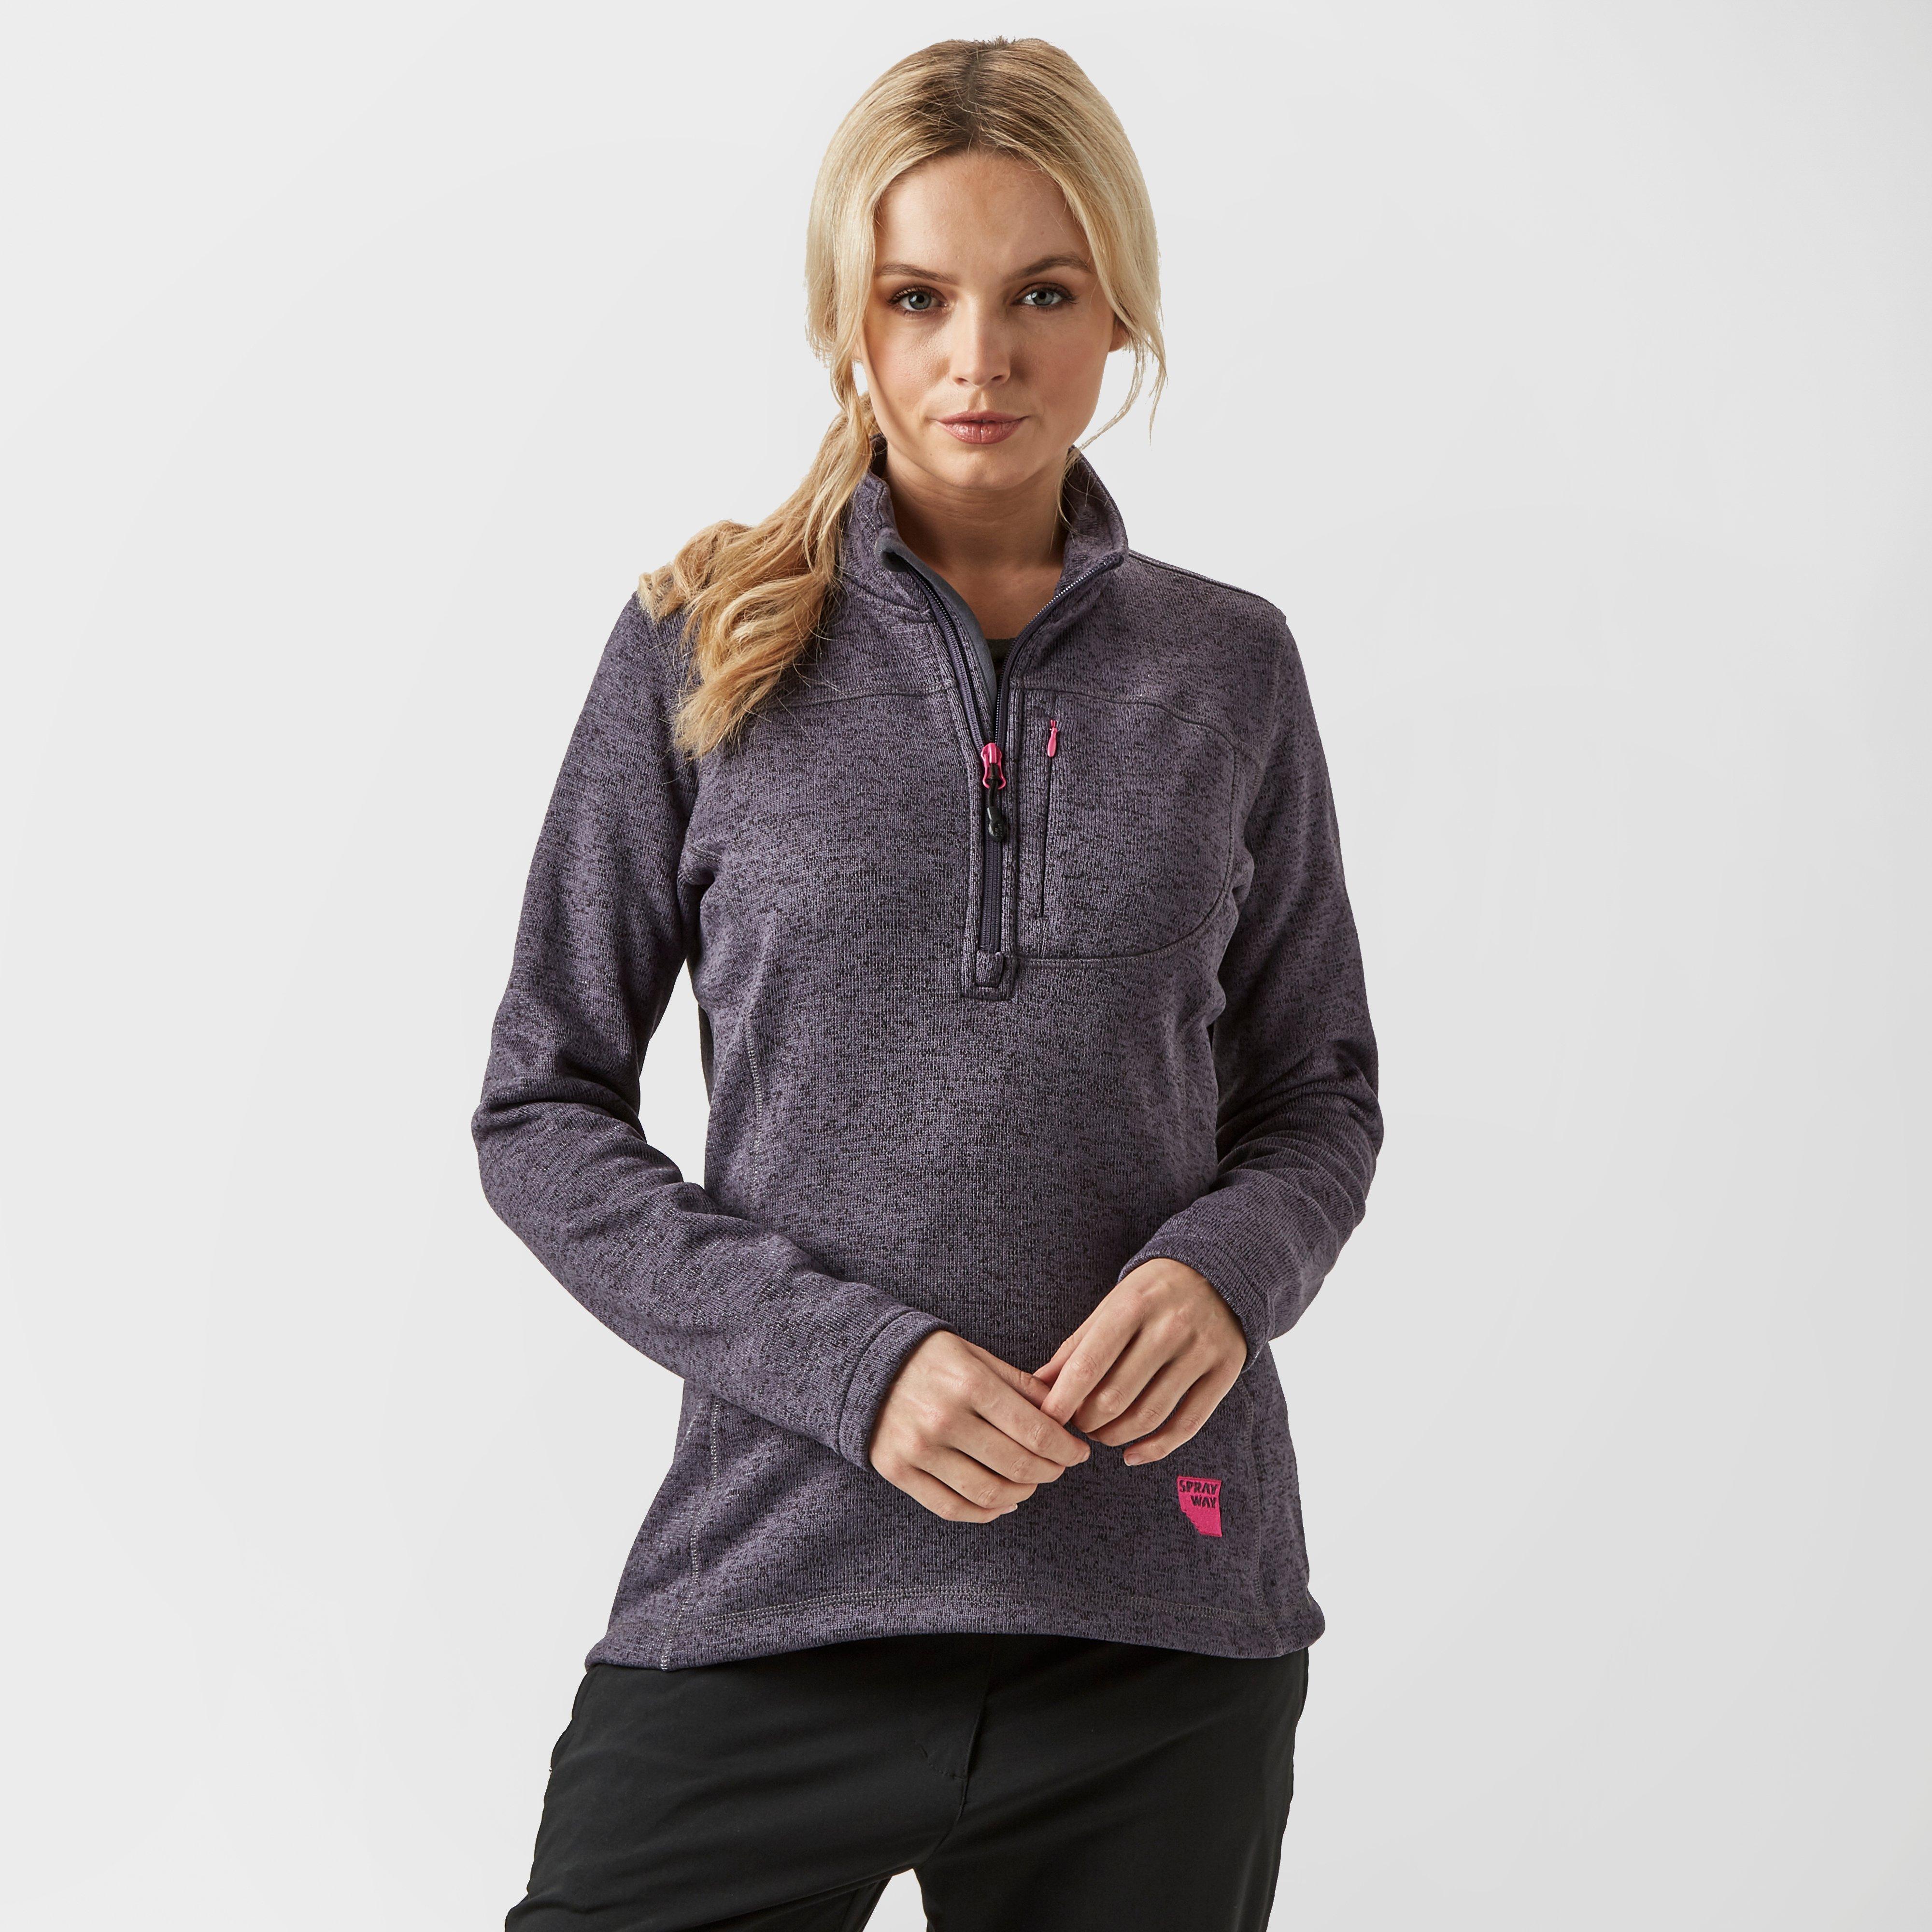 Sprayway Women's Kiso Half-Zip Fleece, Grey